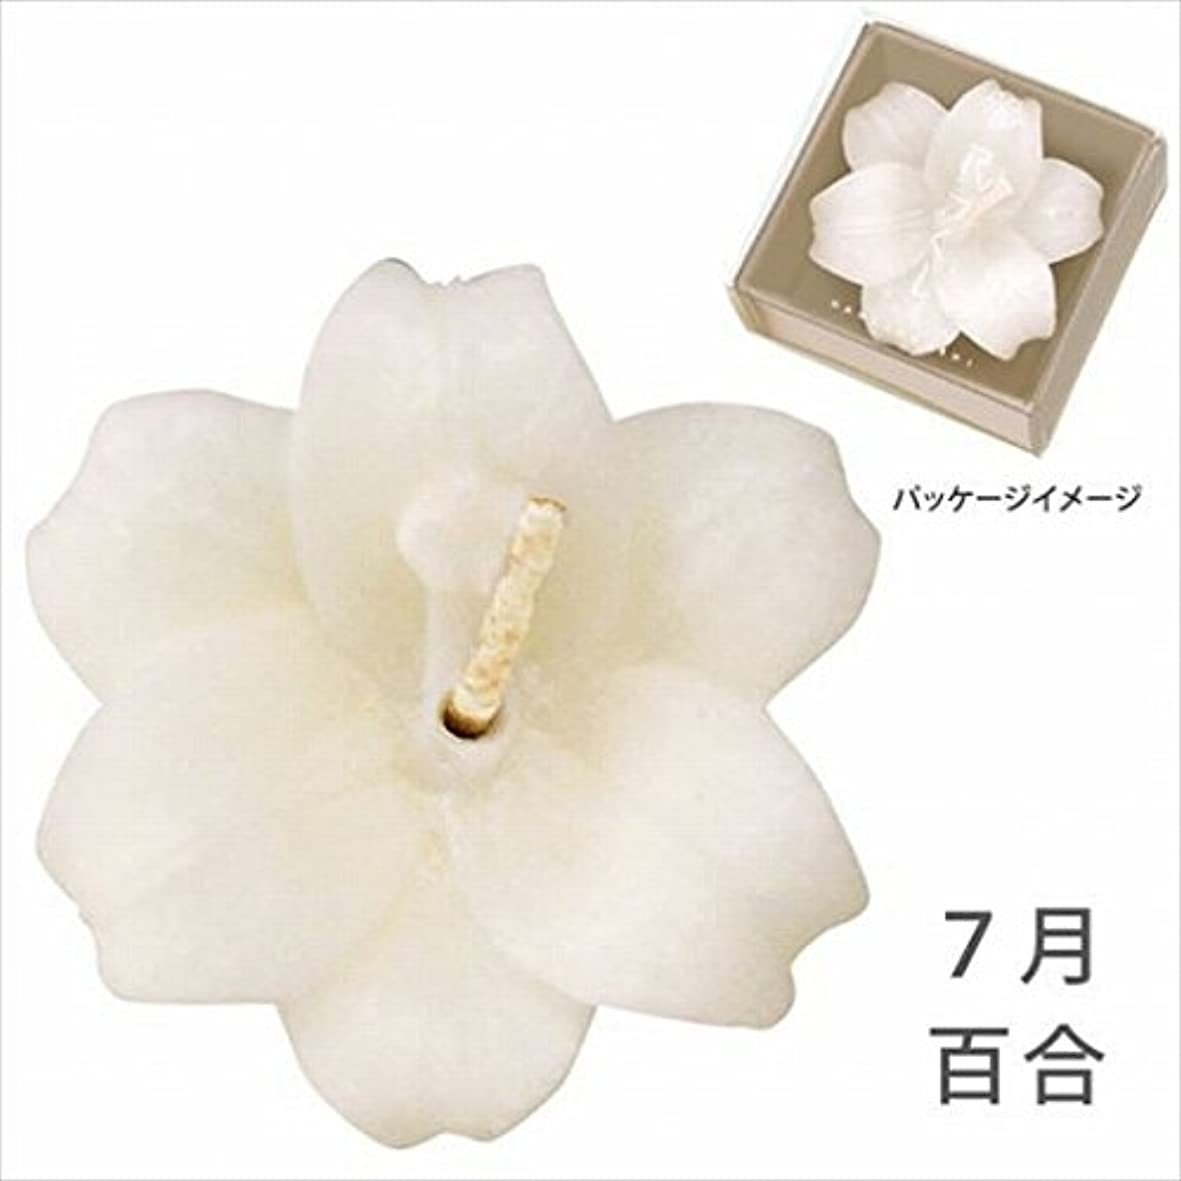 ランドマーク理論バイオリニストカメヤマキャンドル(kameyama candle) 花づくし(植物性) 百合 「 百合(7月) 」 キャンドル